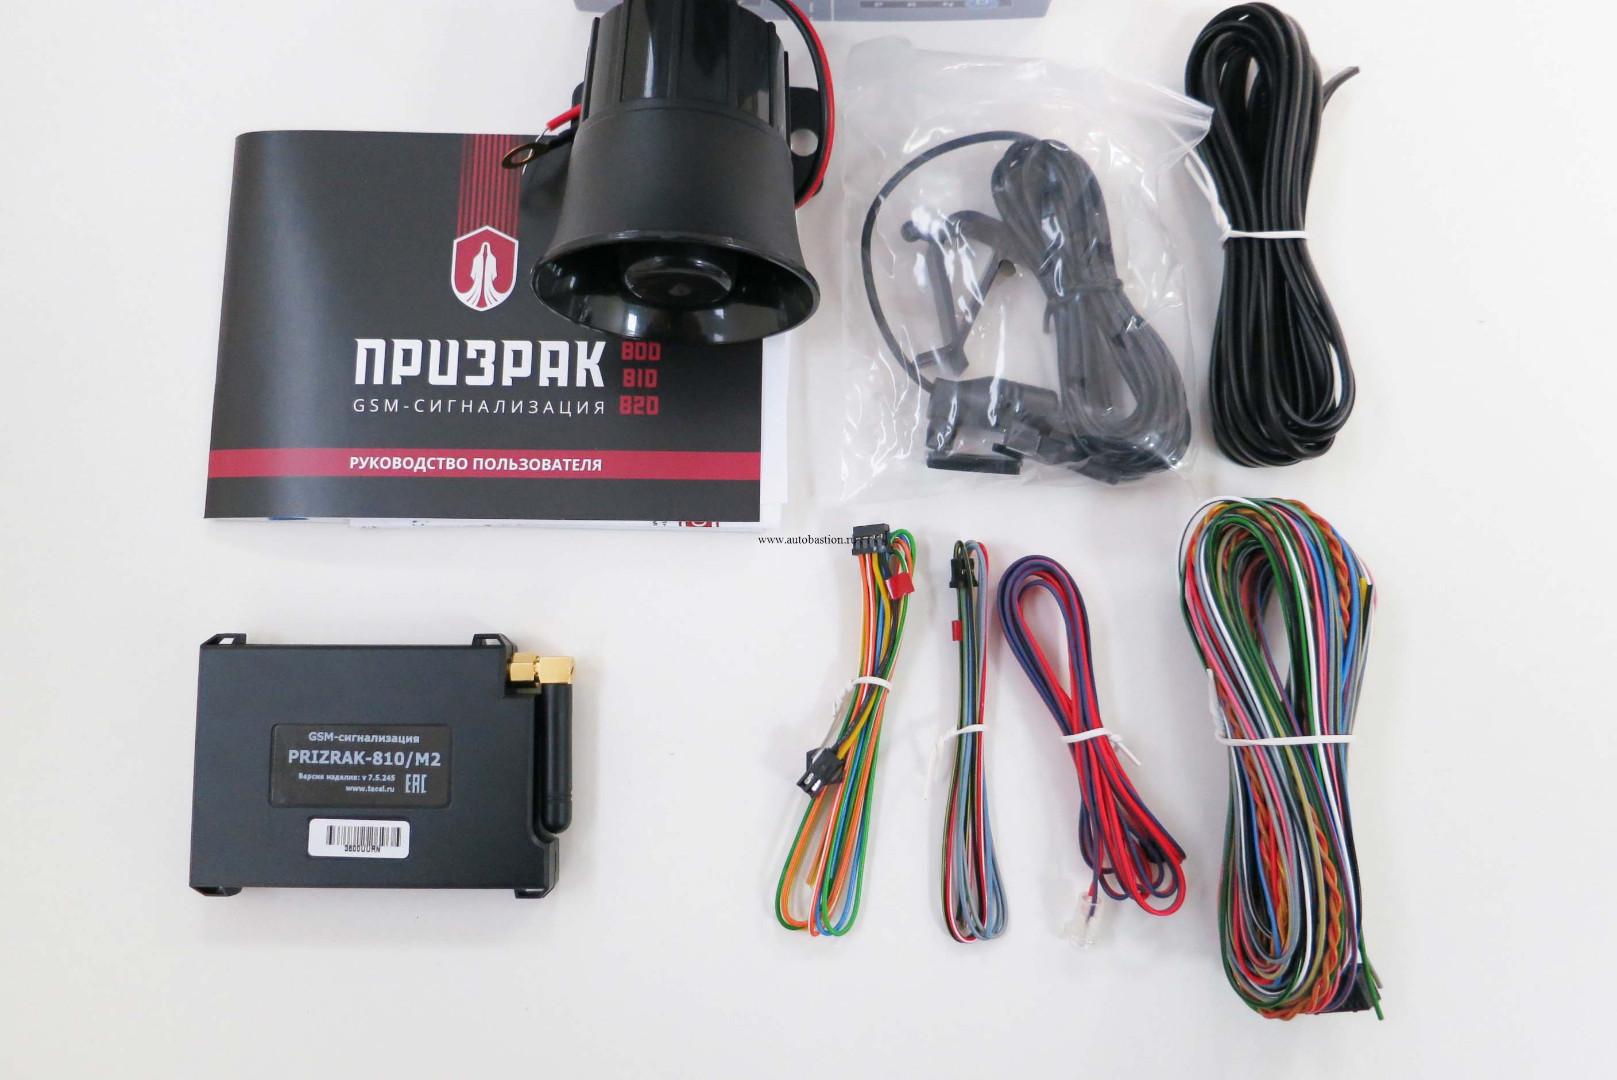 GSM-автосигнализация Призрак-810